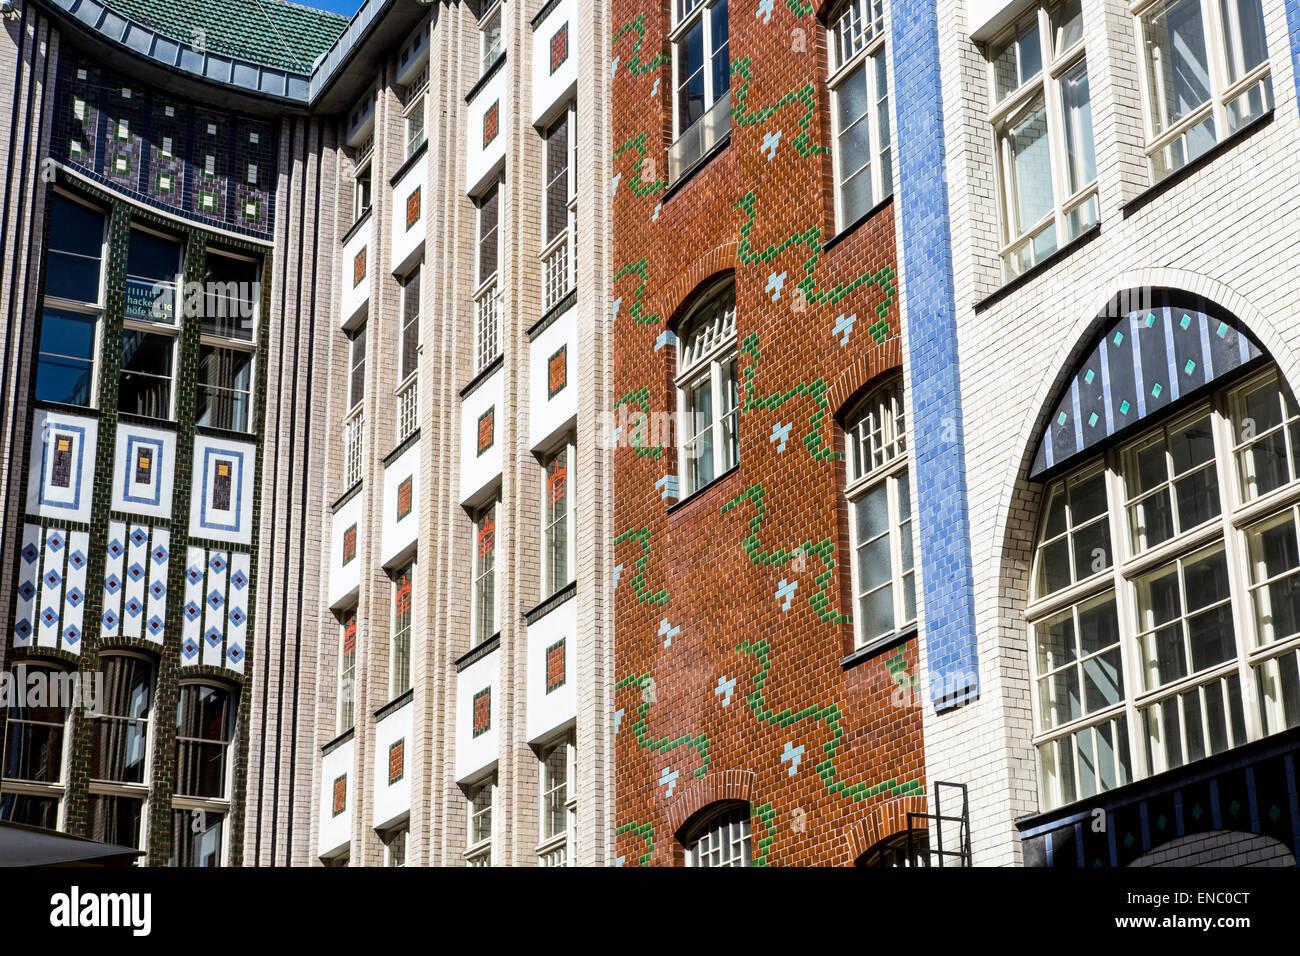 Hackesche Höfe, Berlin central, courtyards, facades, - Stock Image